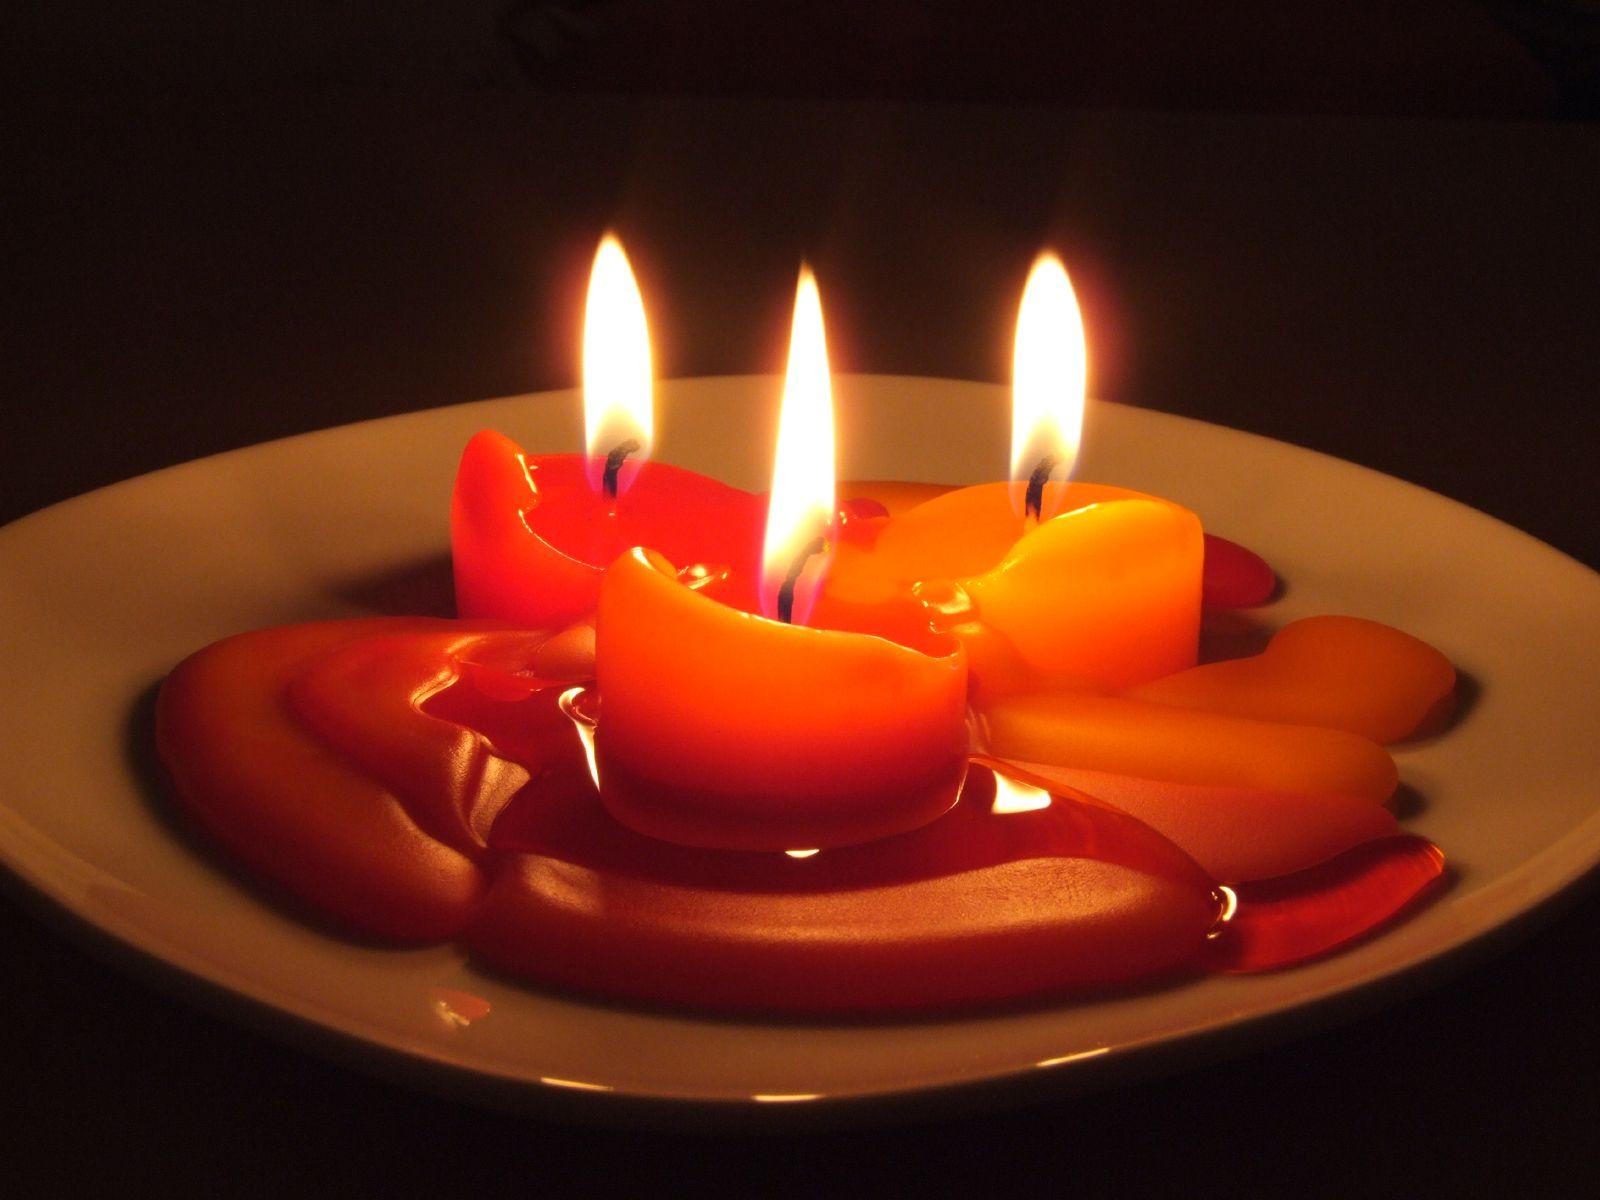 چگونه شمع بازی کنیم؟ پیدا کردن شمع مناسب